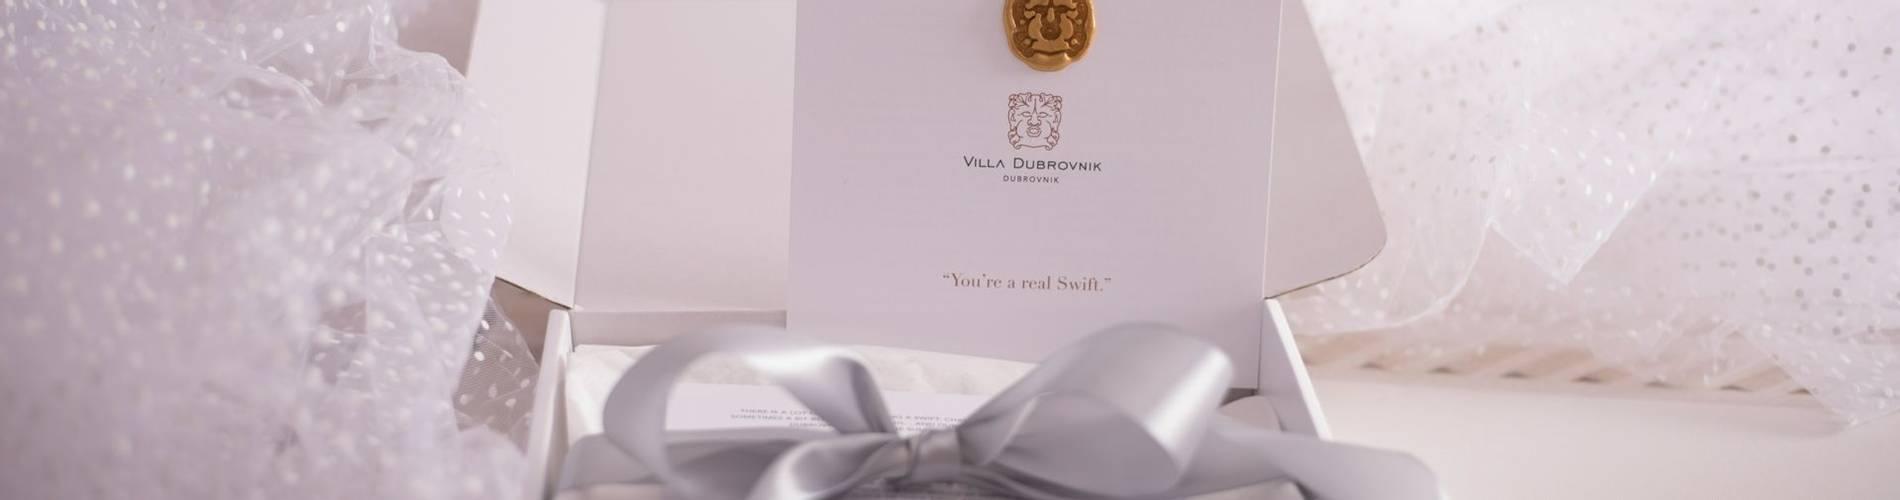 Hotel Villa Dubrovnik Branding.jpg